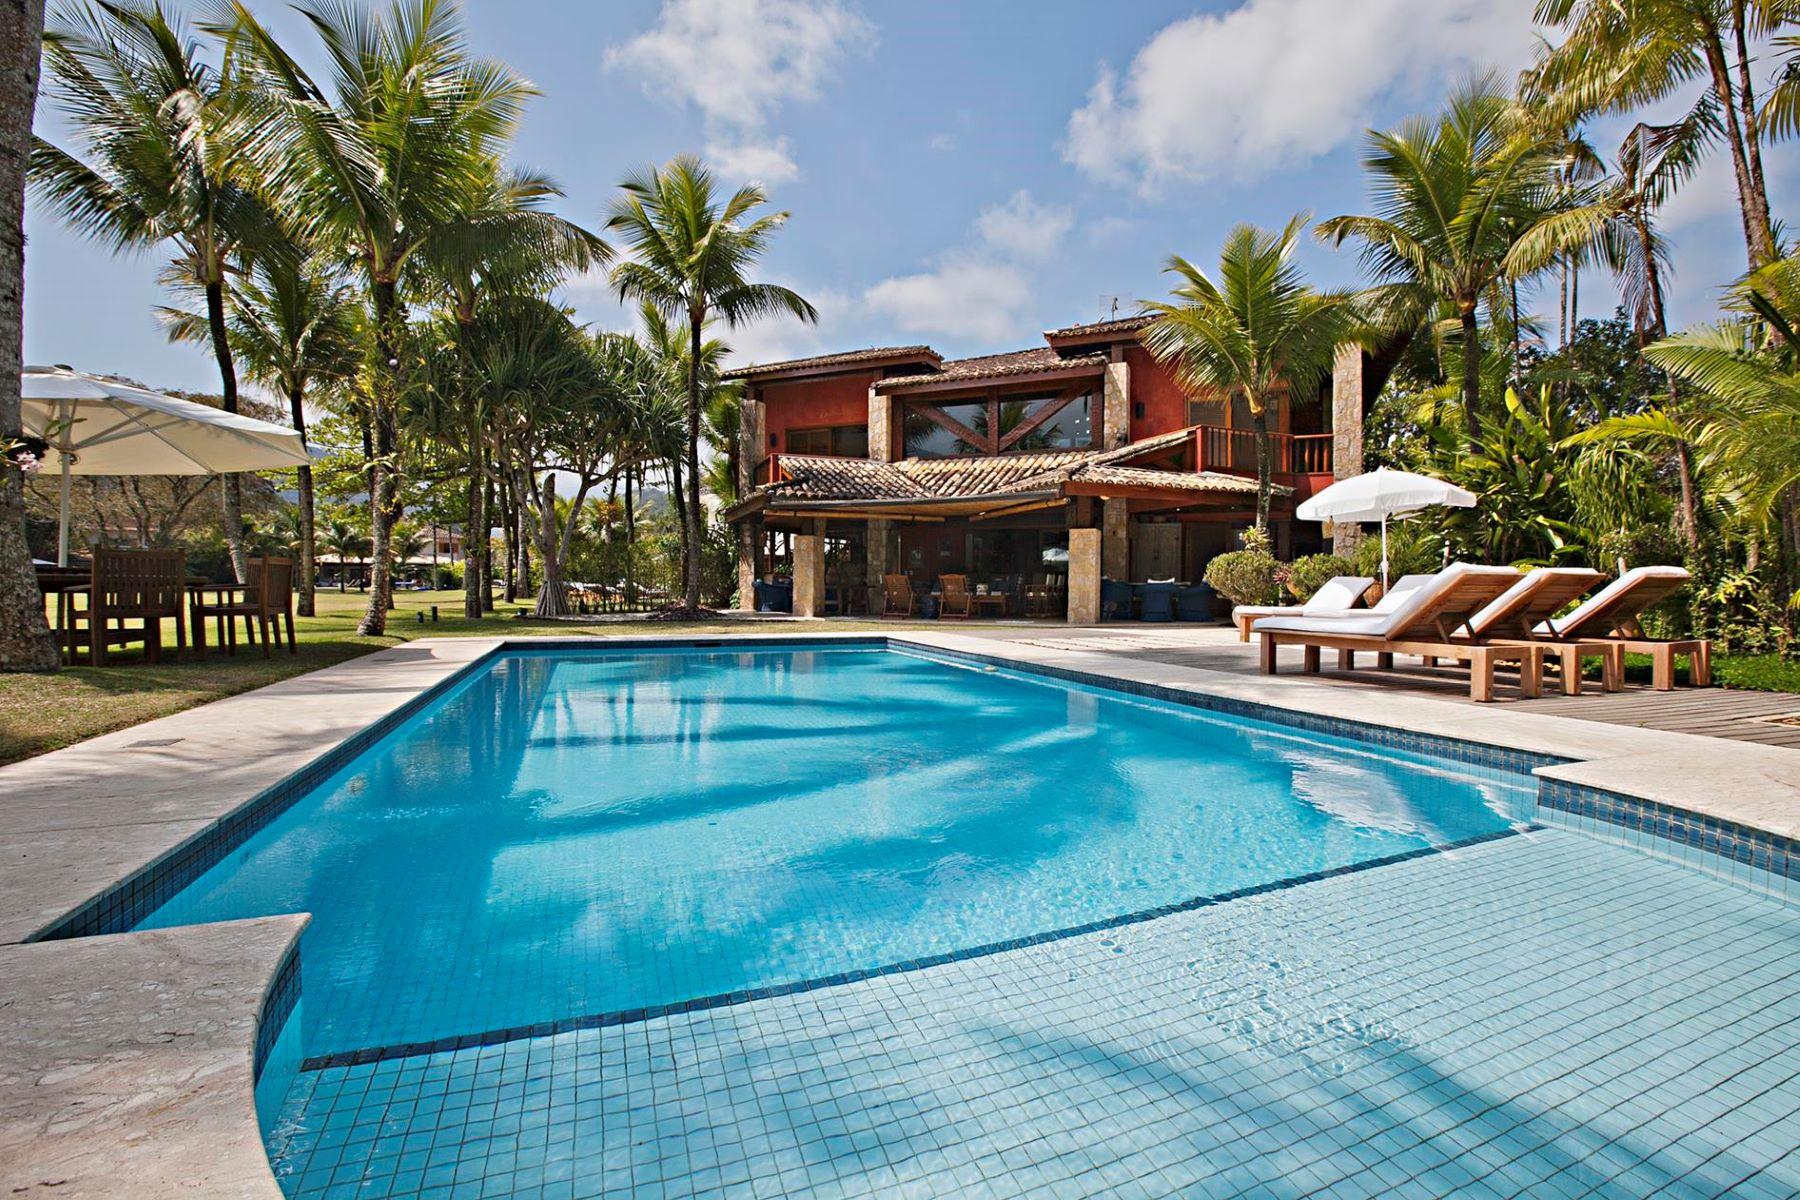 独户住宅 为 销售 在 Beach front and Sophisticated Paraty, 里约热内卢, 巴西